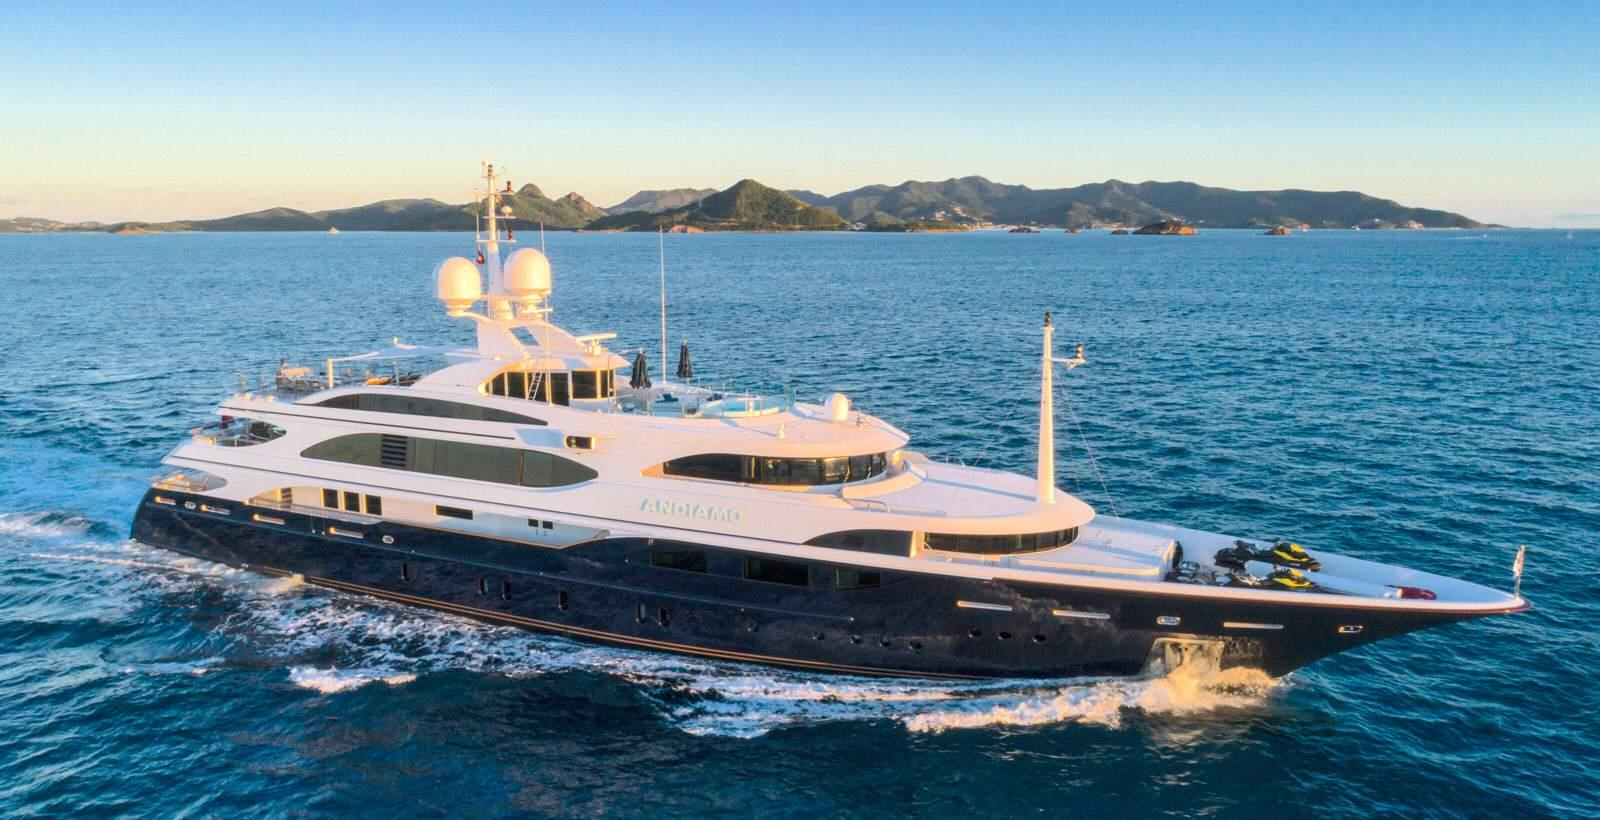 Benetti Yacht ANDIAMO - Running